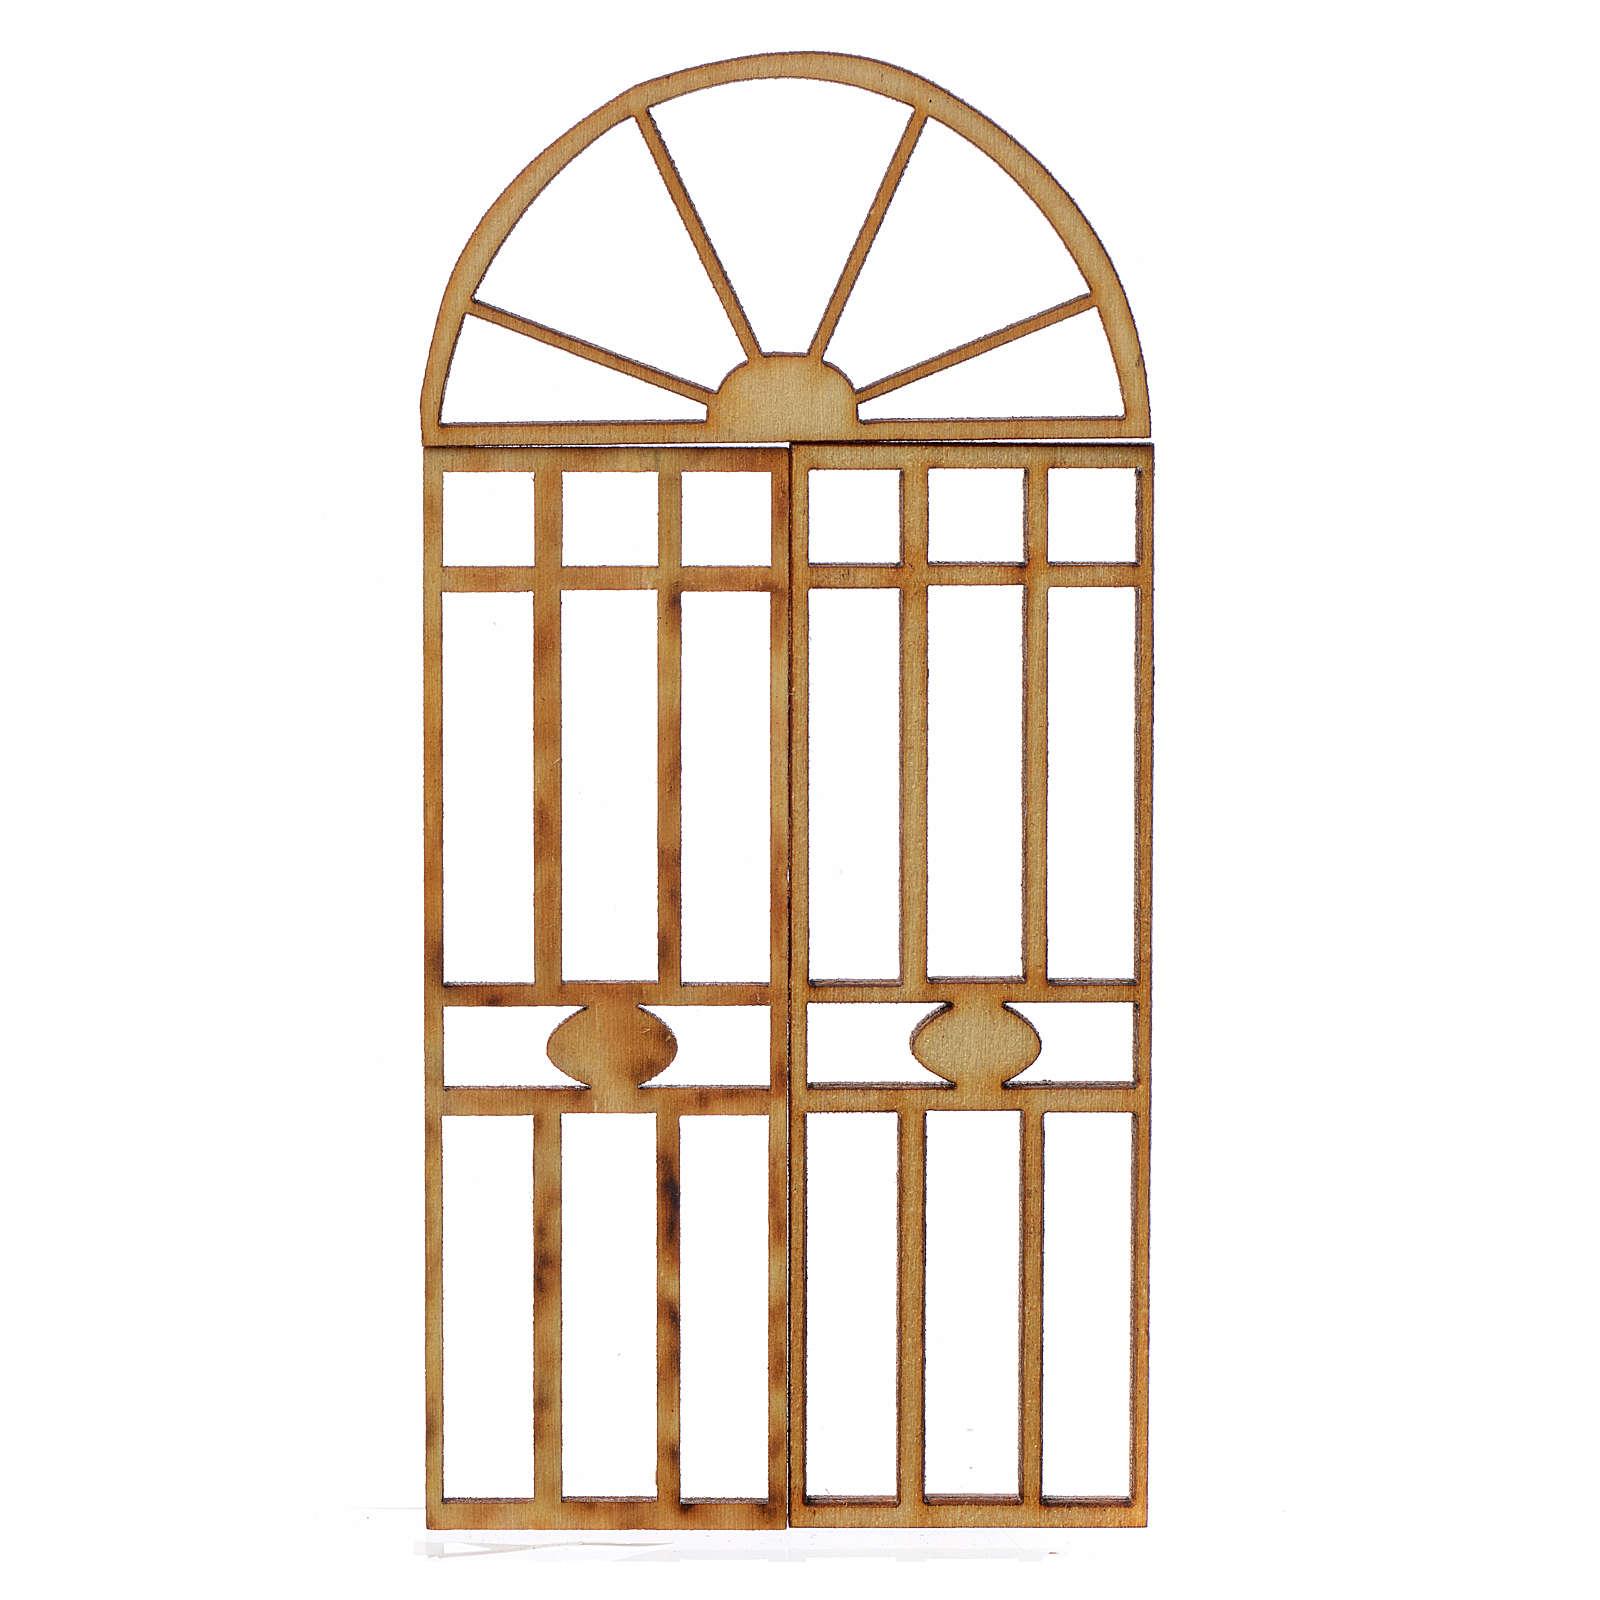 Brama z drewna szopka 3 sztuki 10.5x5 4